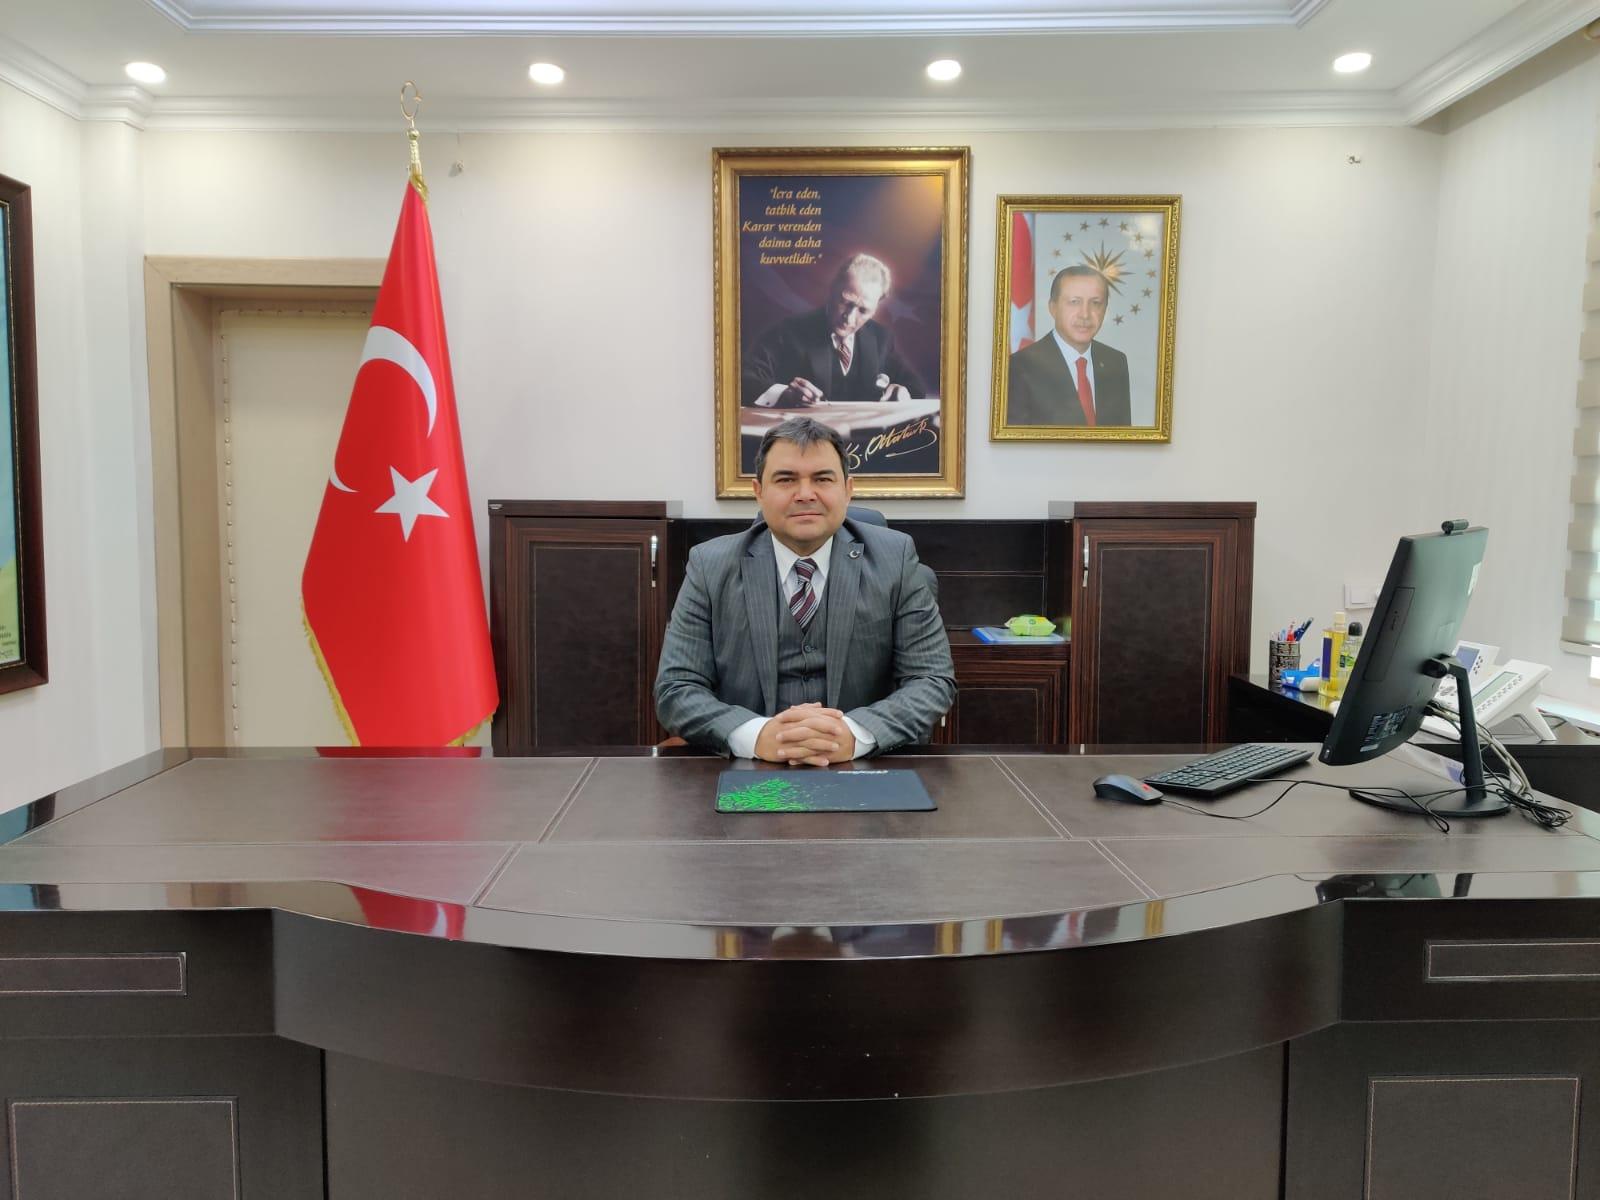 Gönüllü Kaymakam Alper Balcı Diyadin Kaymakamlığı görevine başladı.